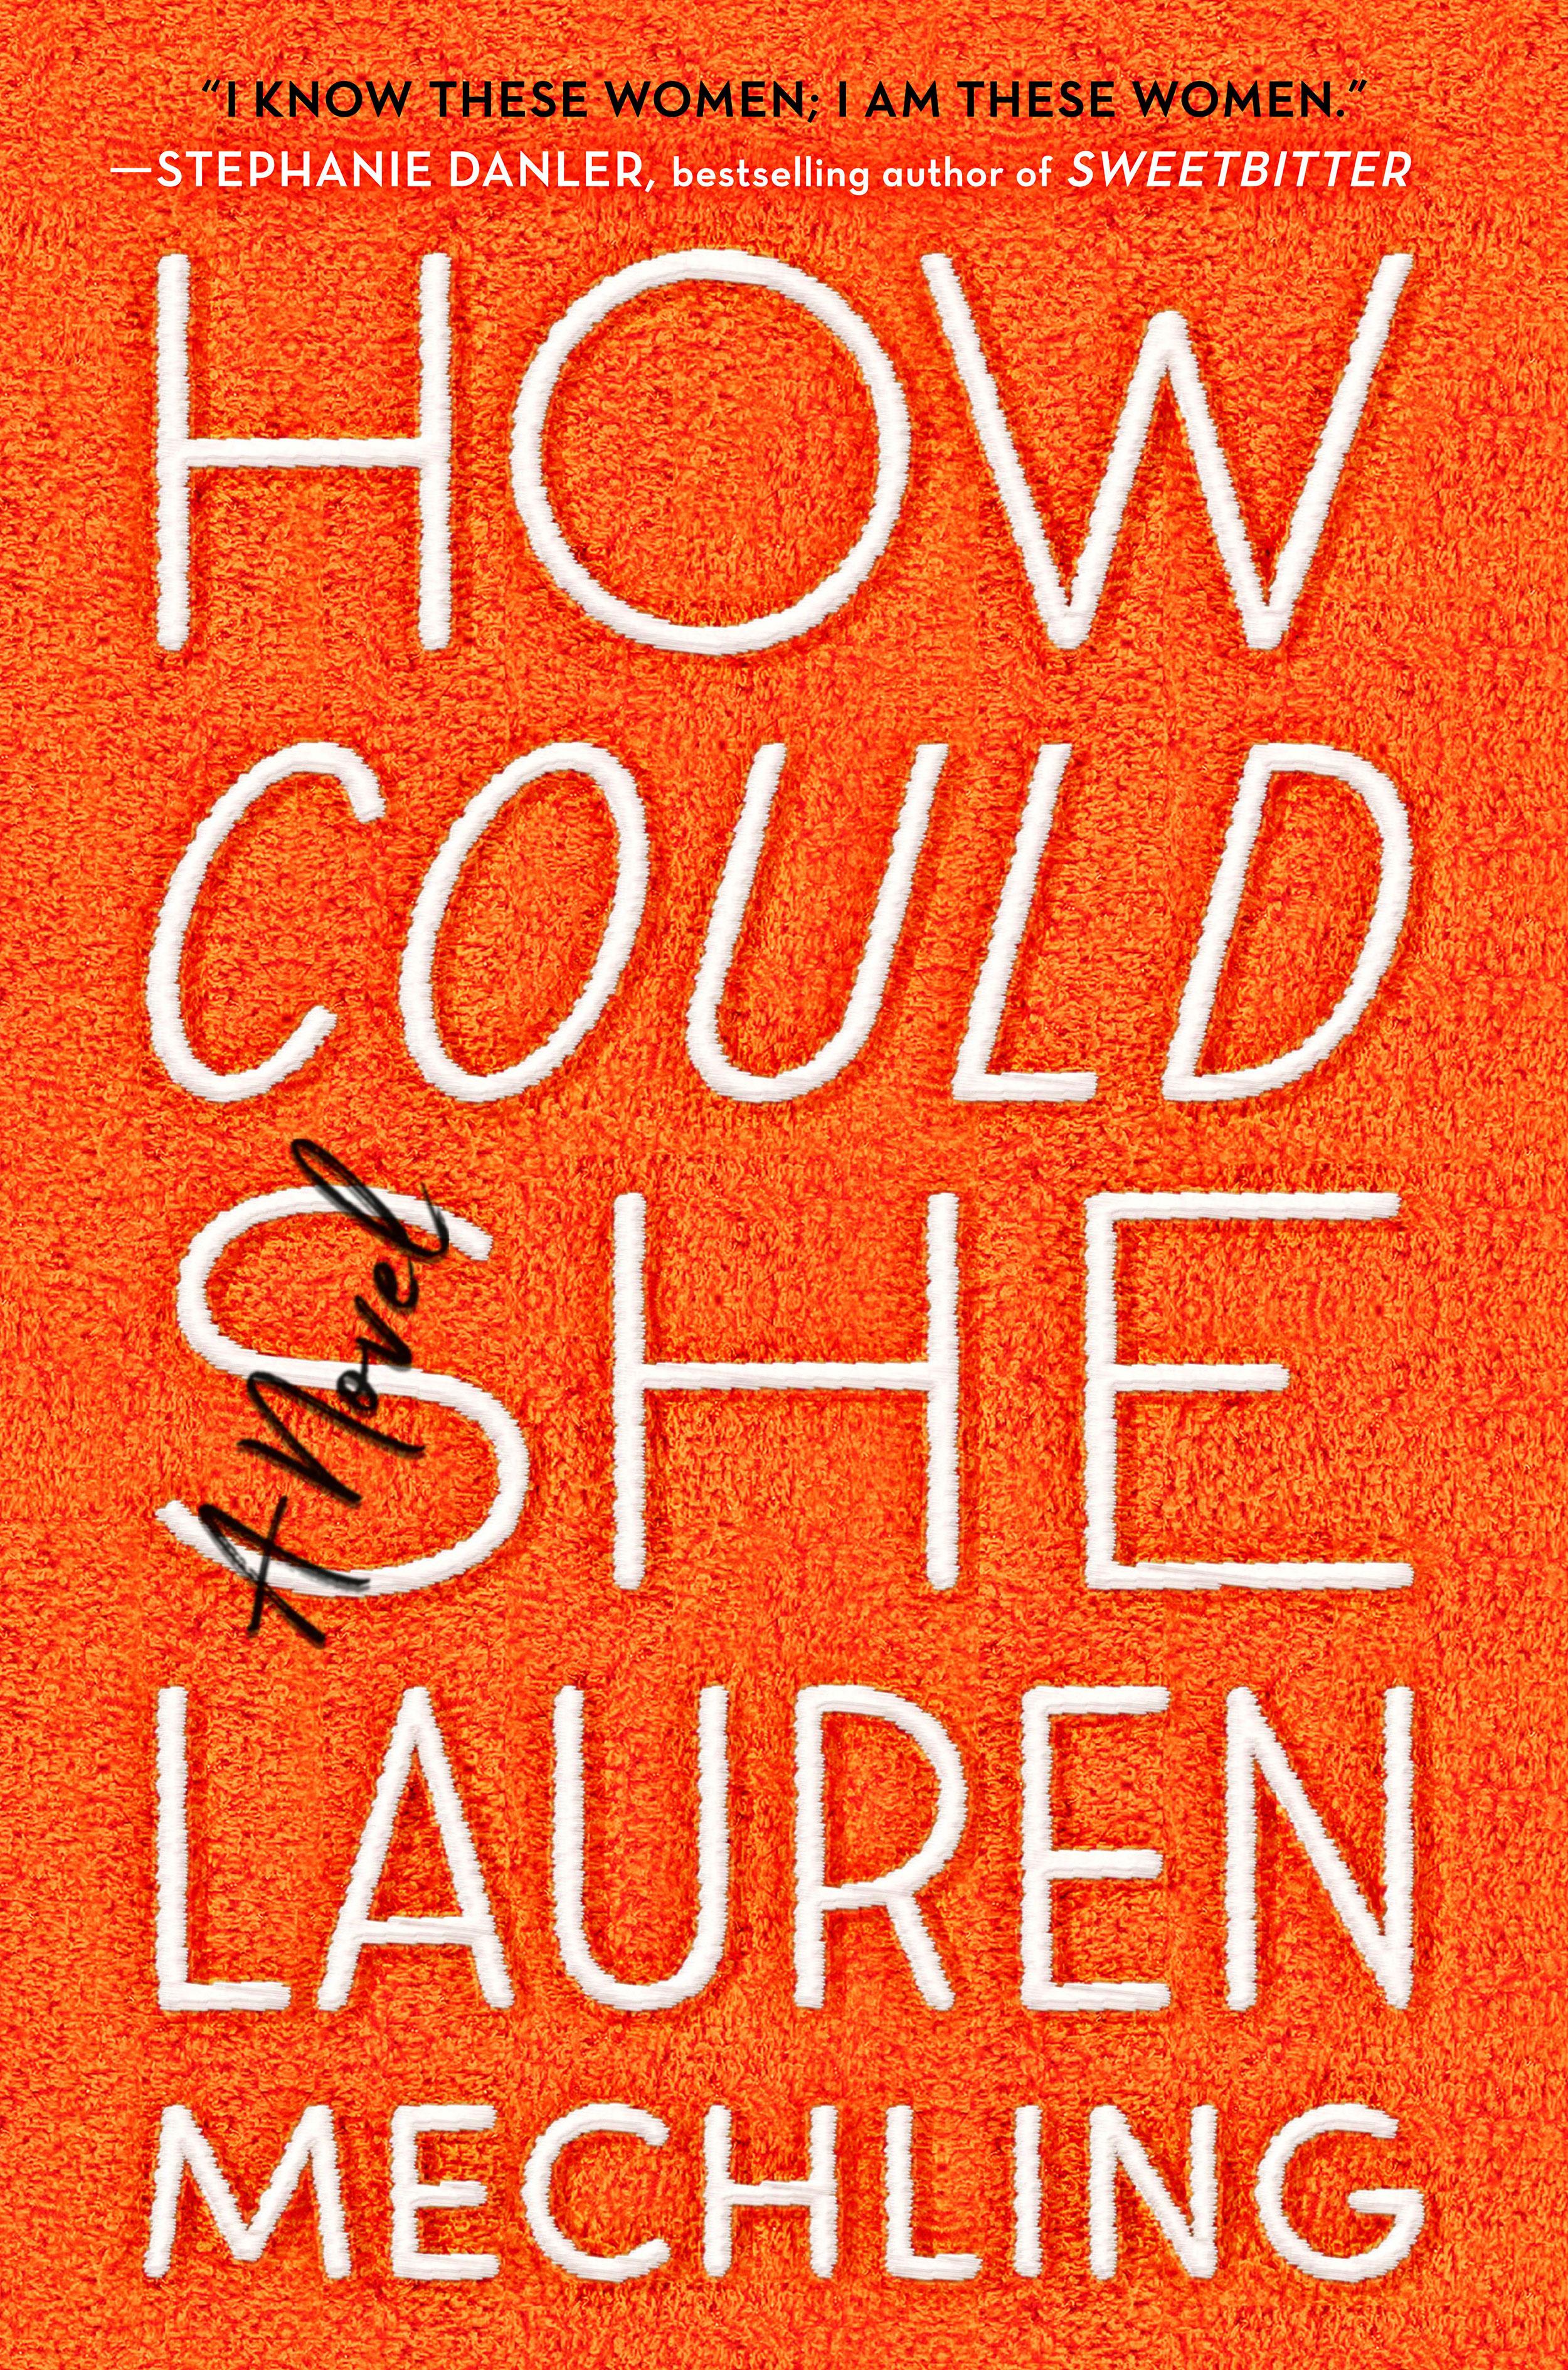 How Could She Lauren Mechling